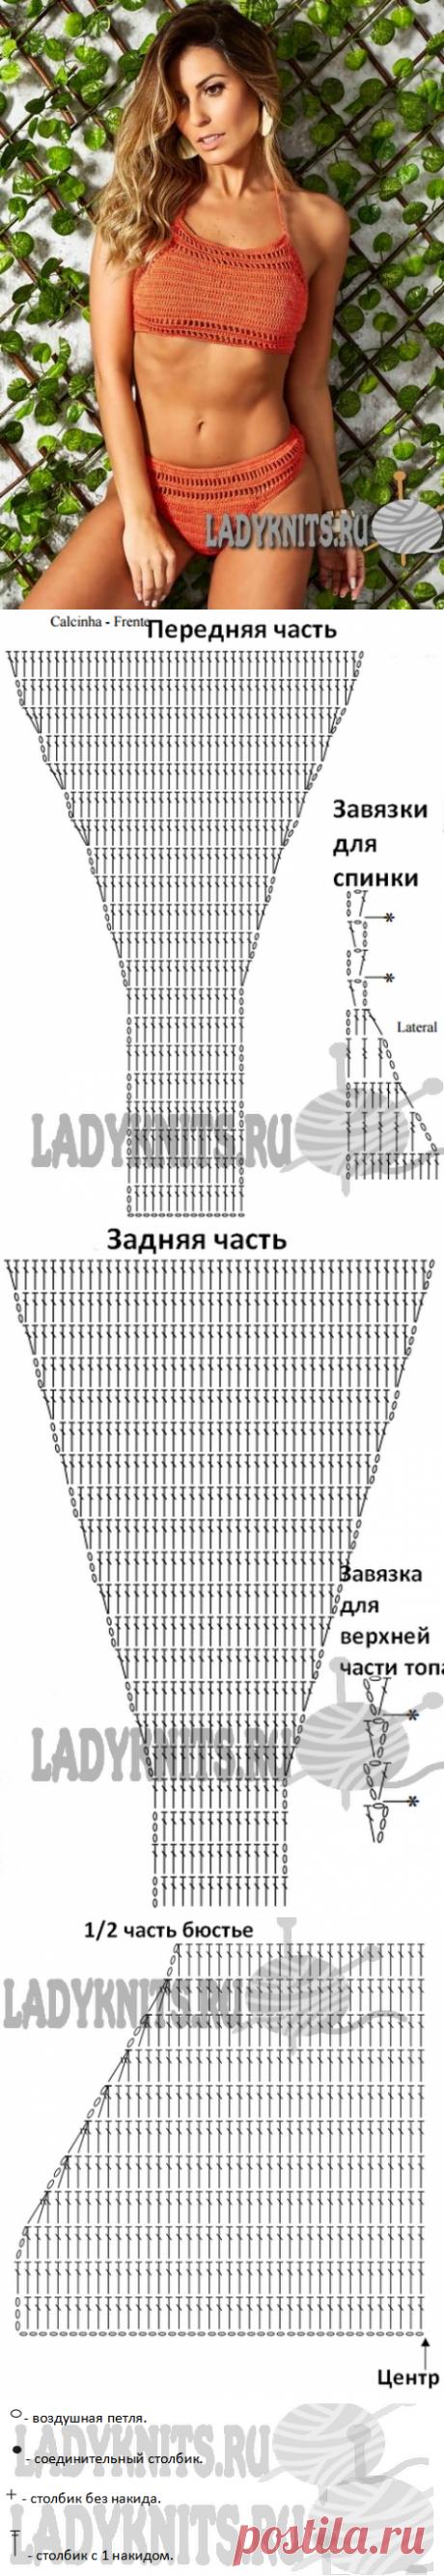 Вязаный крючком женский купальник с бюстгальтером бюстье